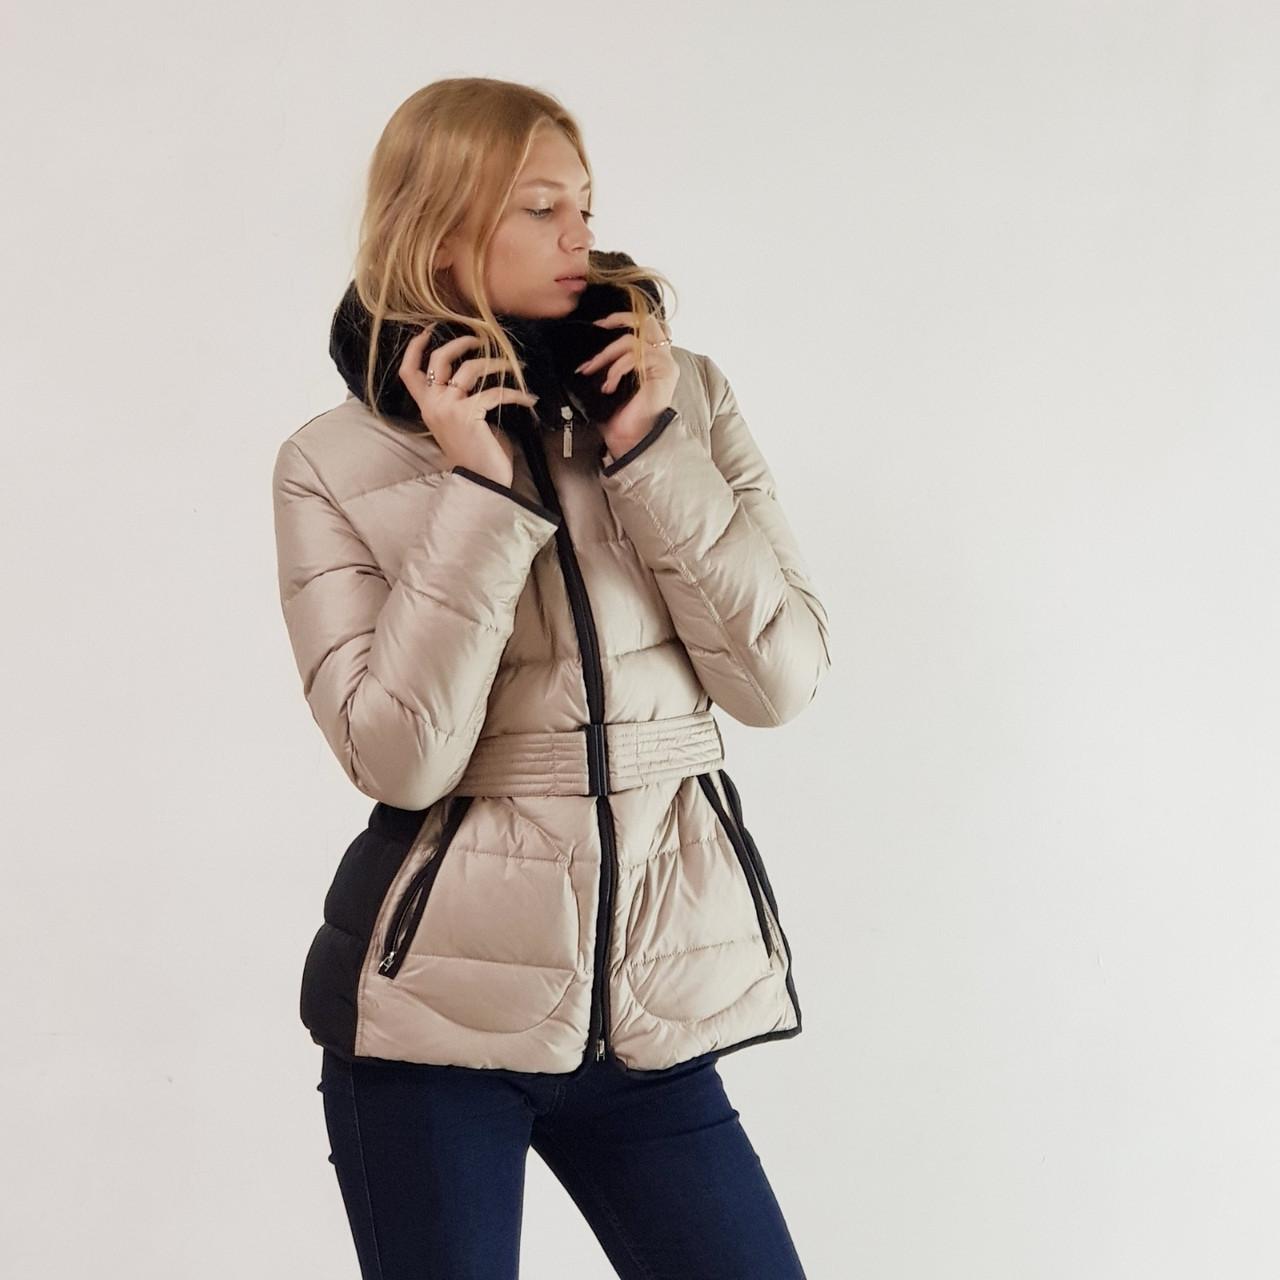 Куртка пуховик зимний короткий женский Snowimage с капюшоном и натуральным мехом 48 бежевый 332-6186